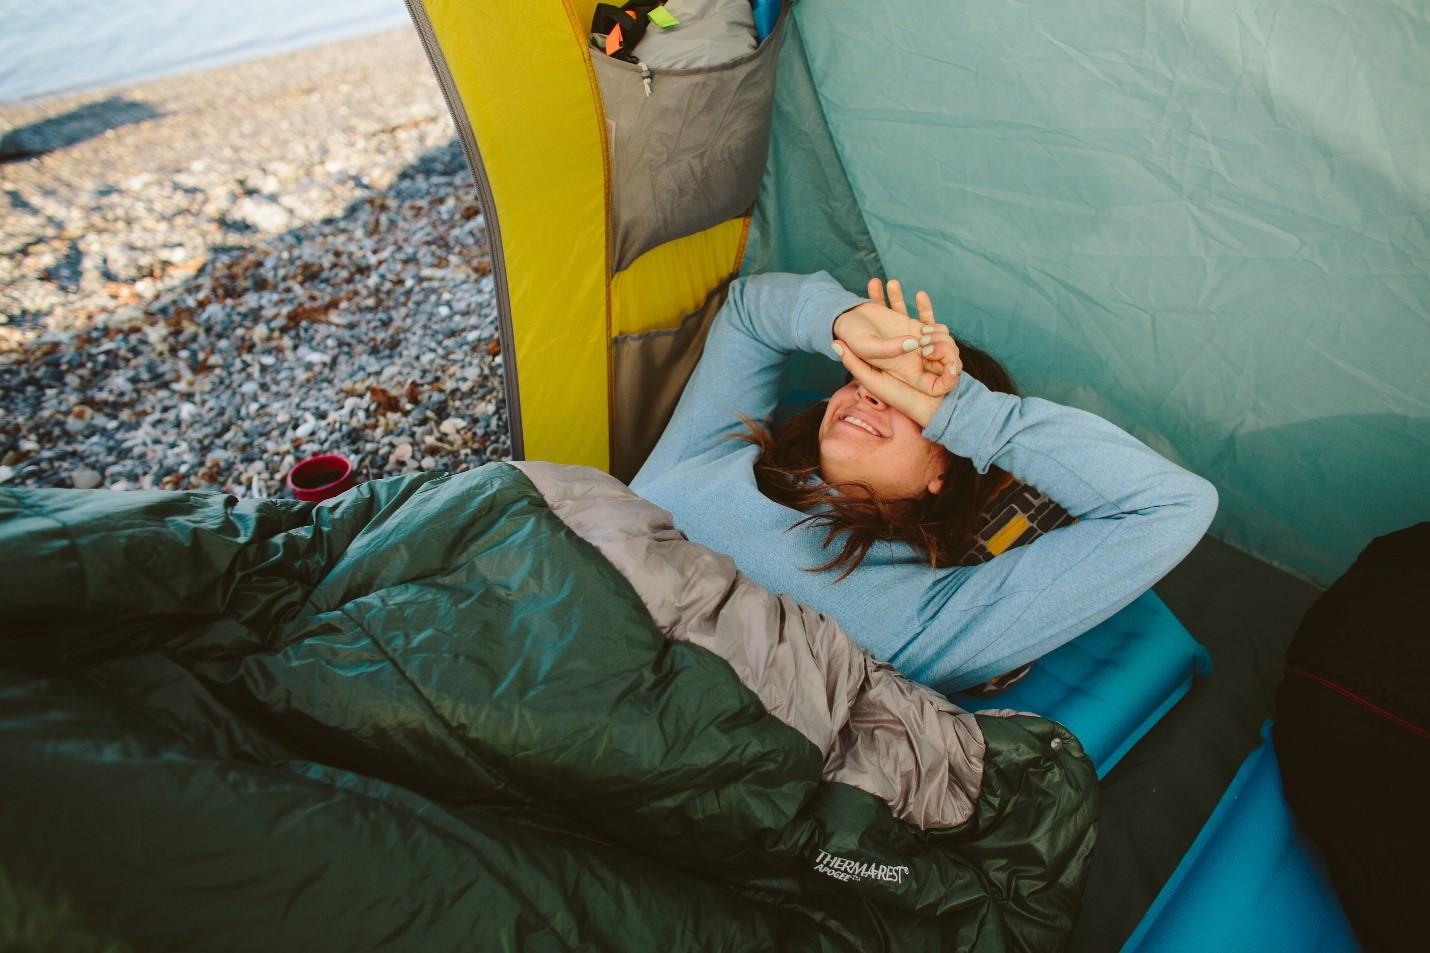 Çadırda nasıl uyunur